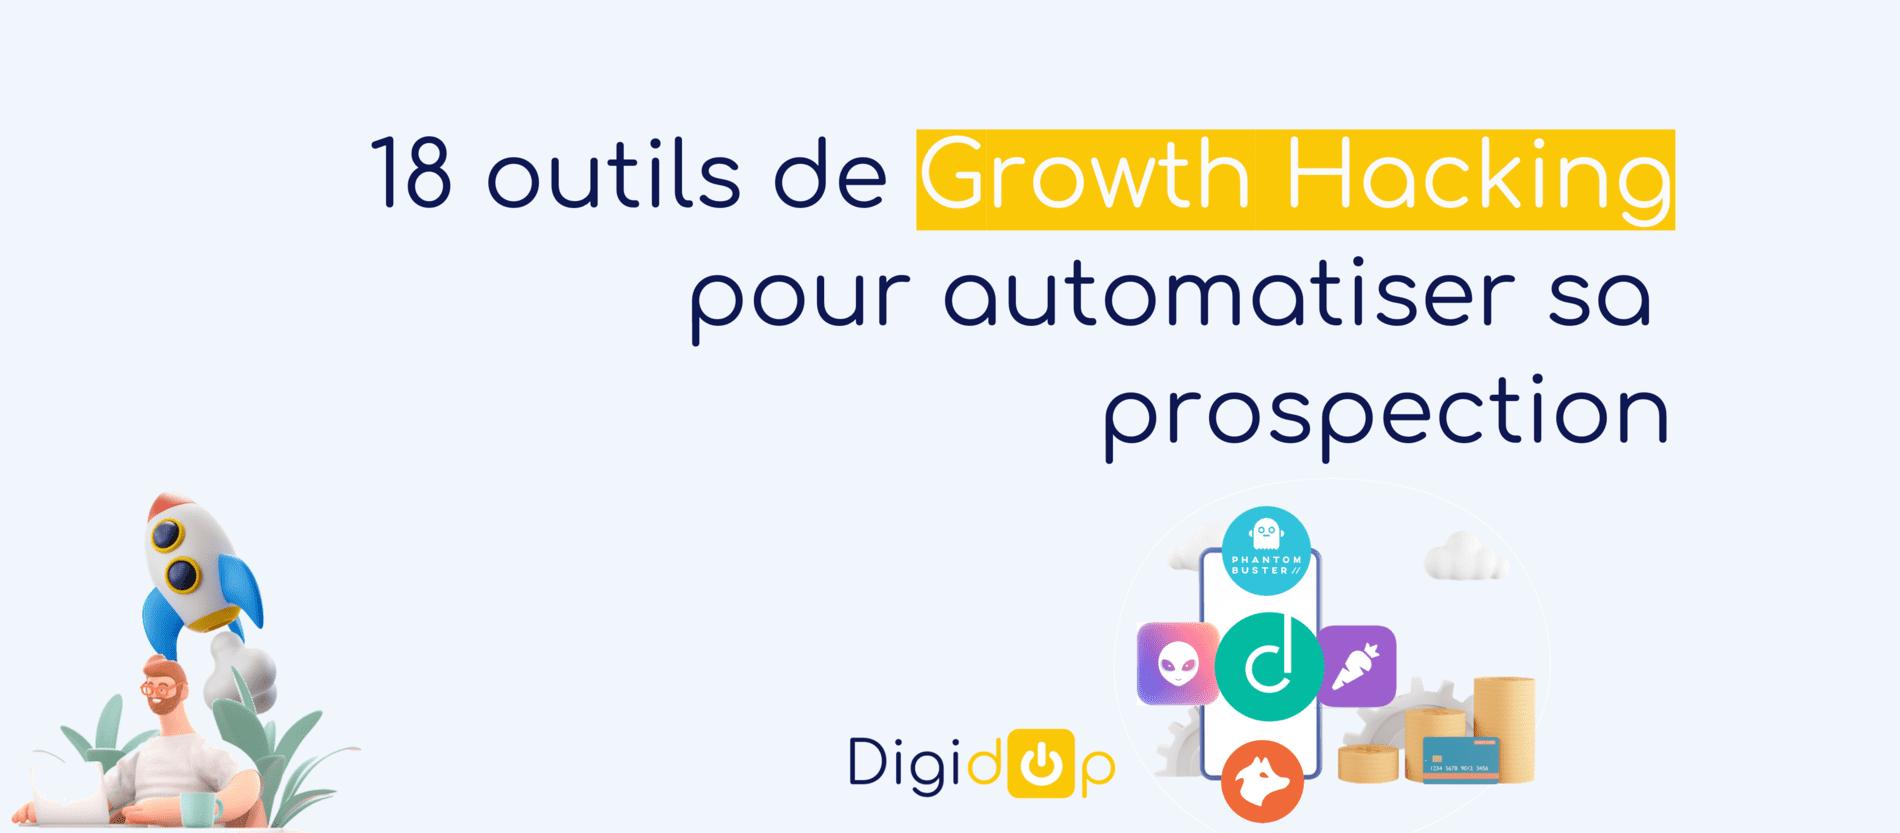 18 outils de growth hacking pour automatiser sa prospection digitale en 2021